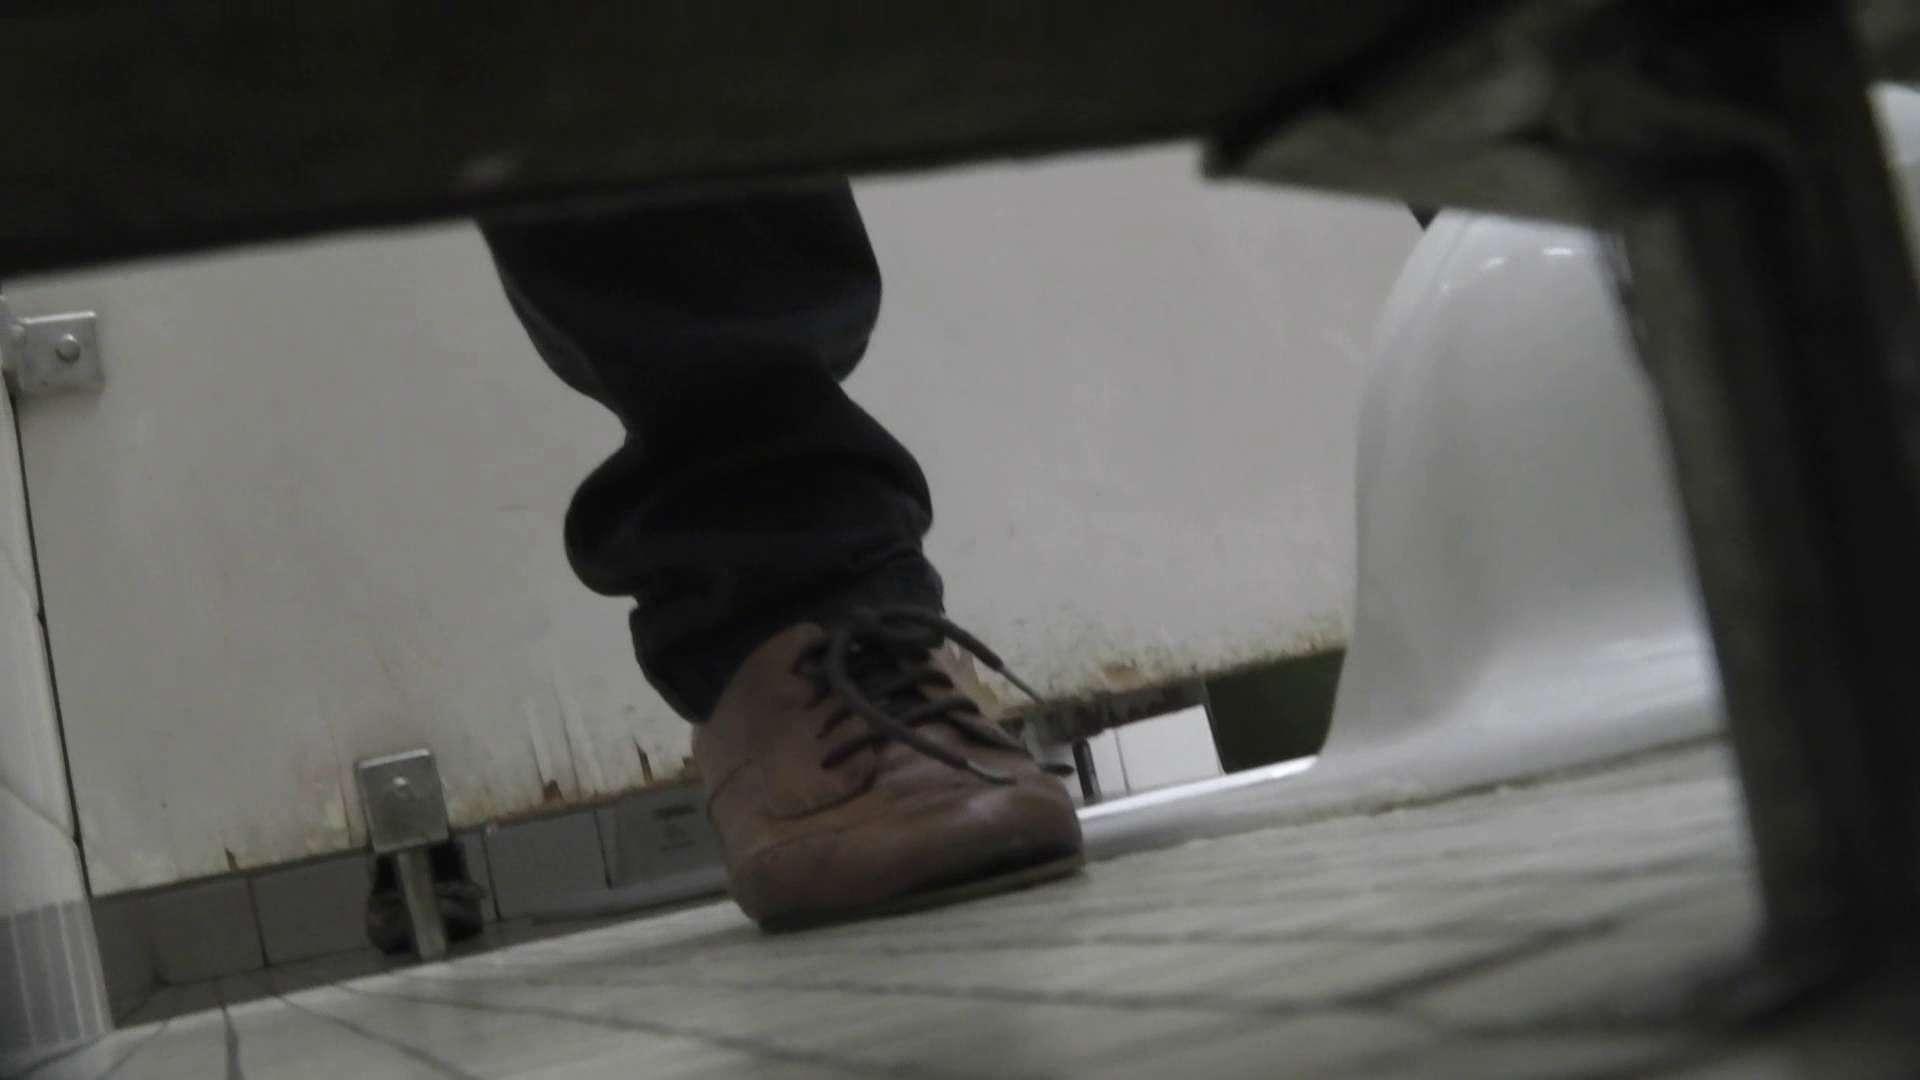 セックスアダルト動画|洗面所特攻隊 vol.002今回も鮮明です|怪盗ジョーカー